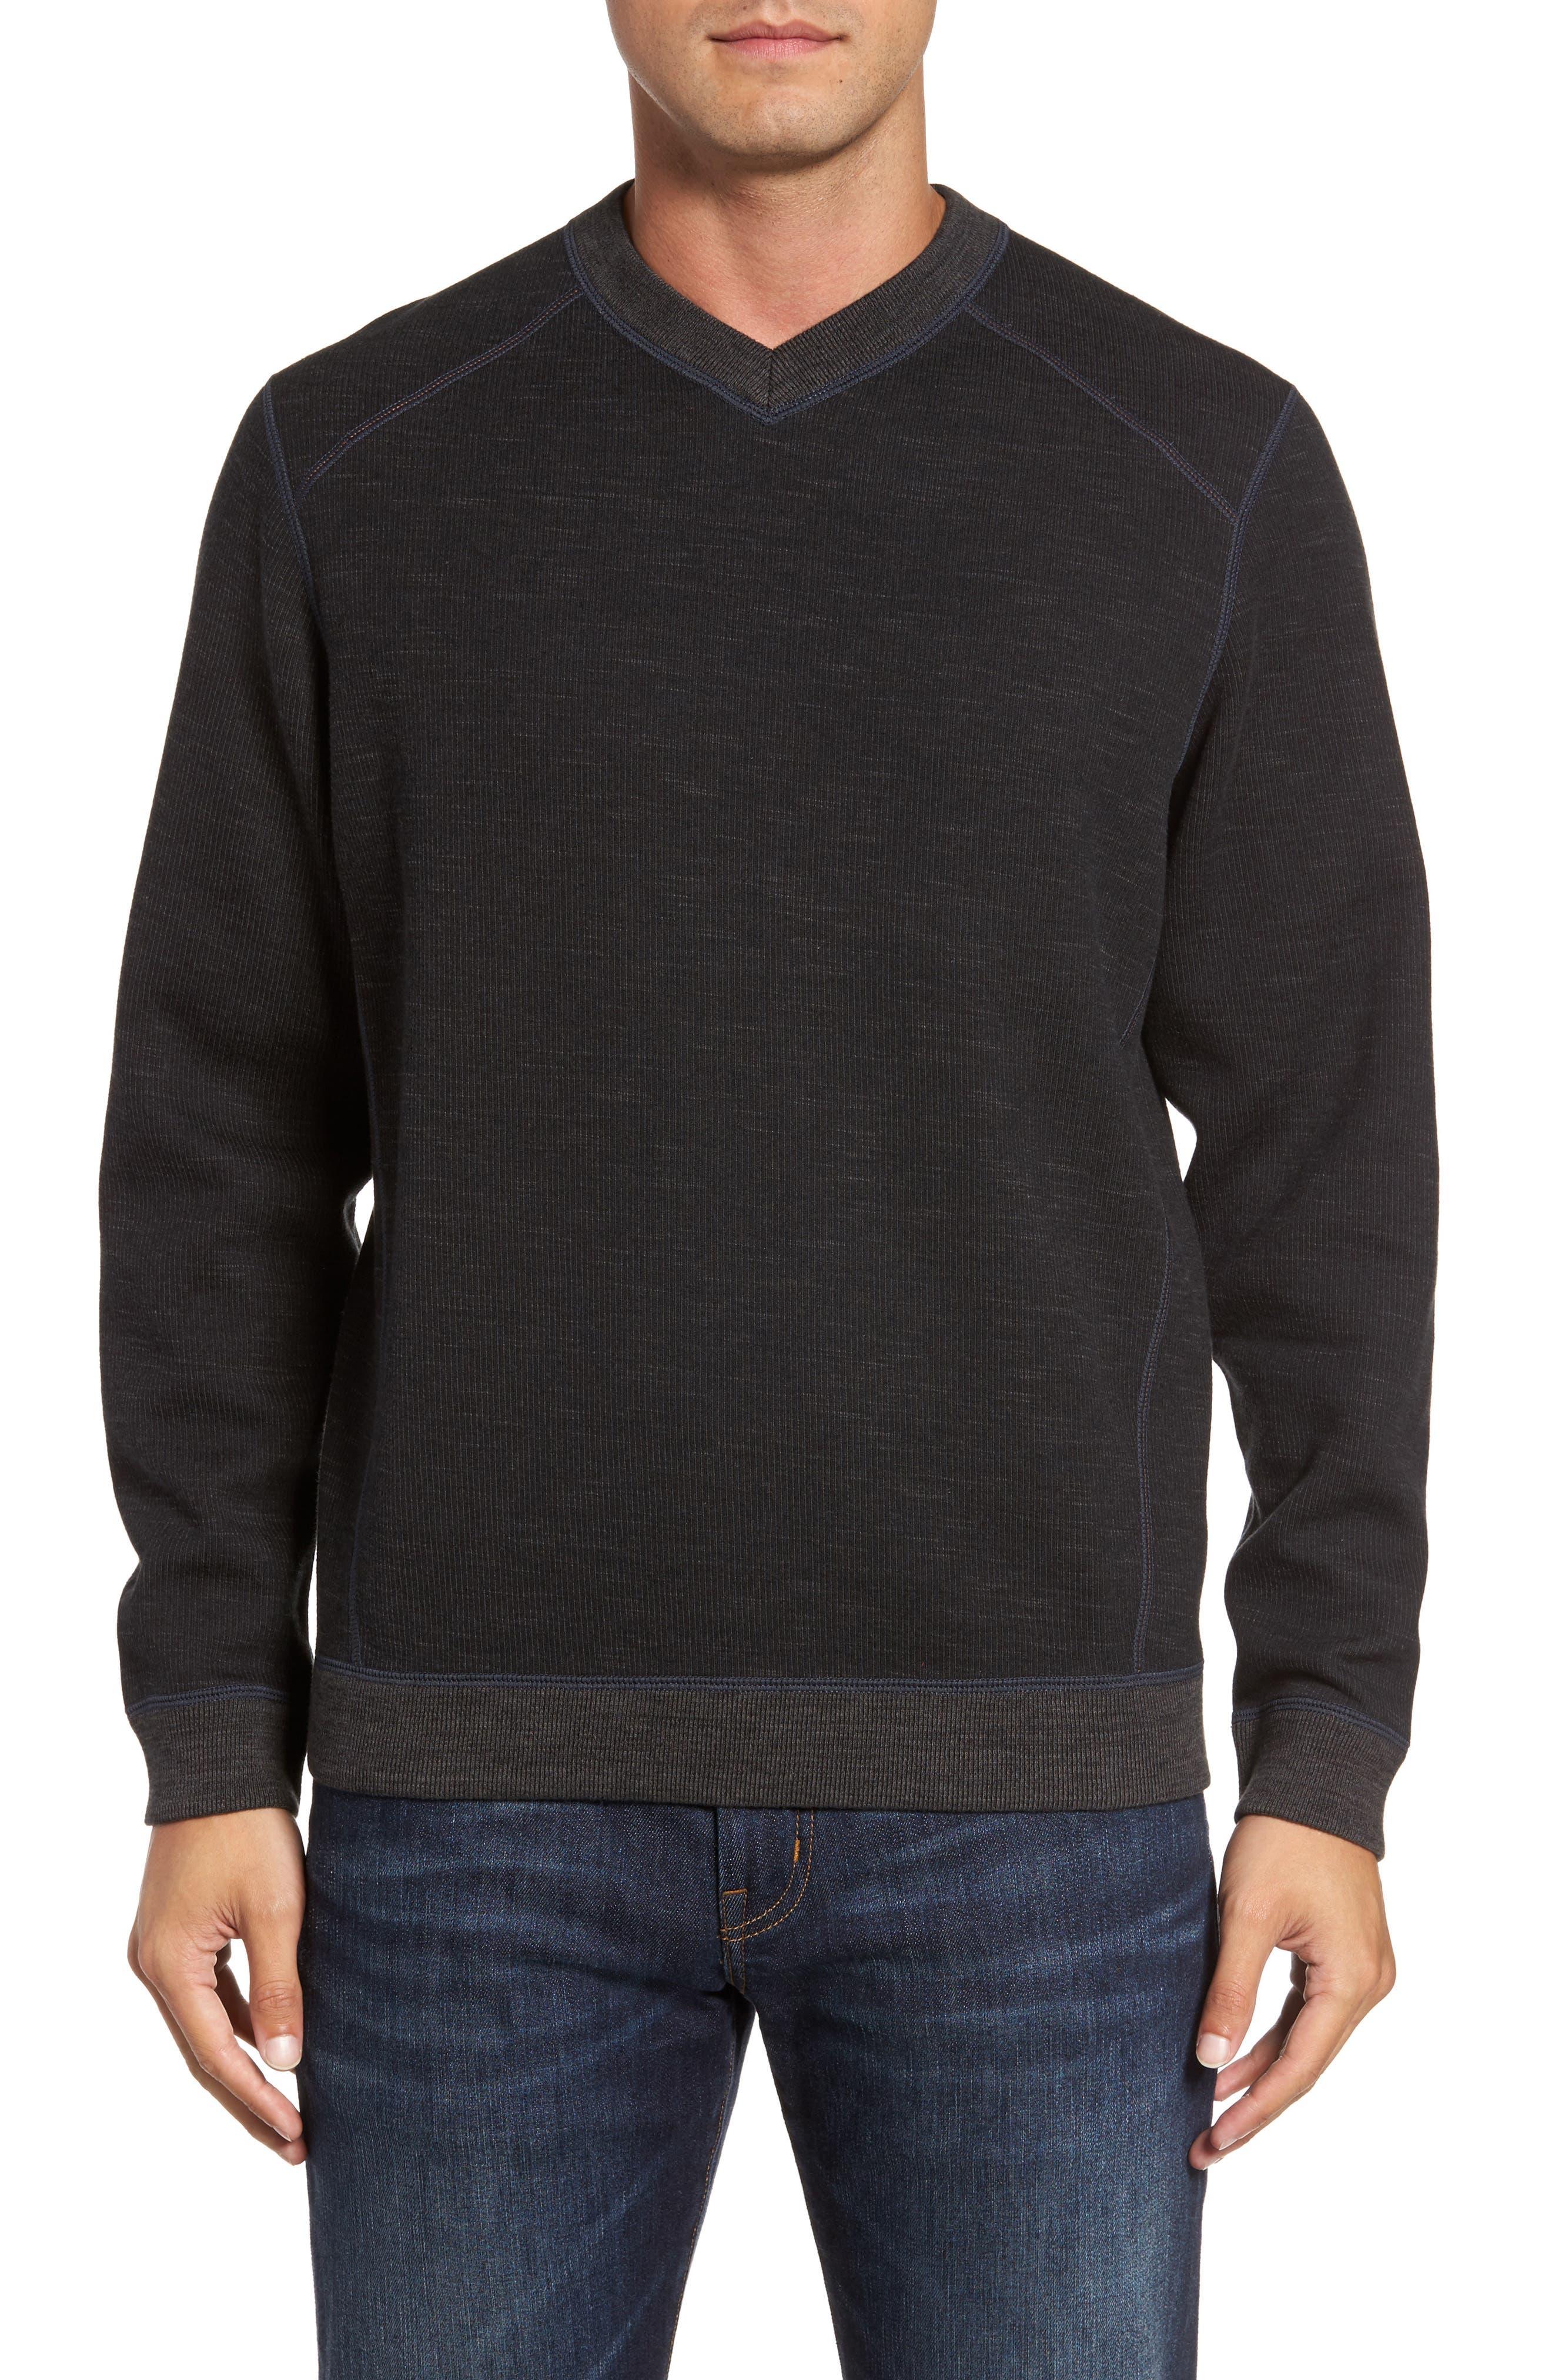 Tommy Bahama Flipside Pro Reversible Sweatshirt